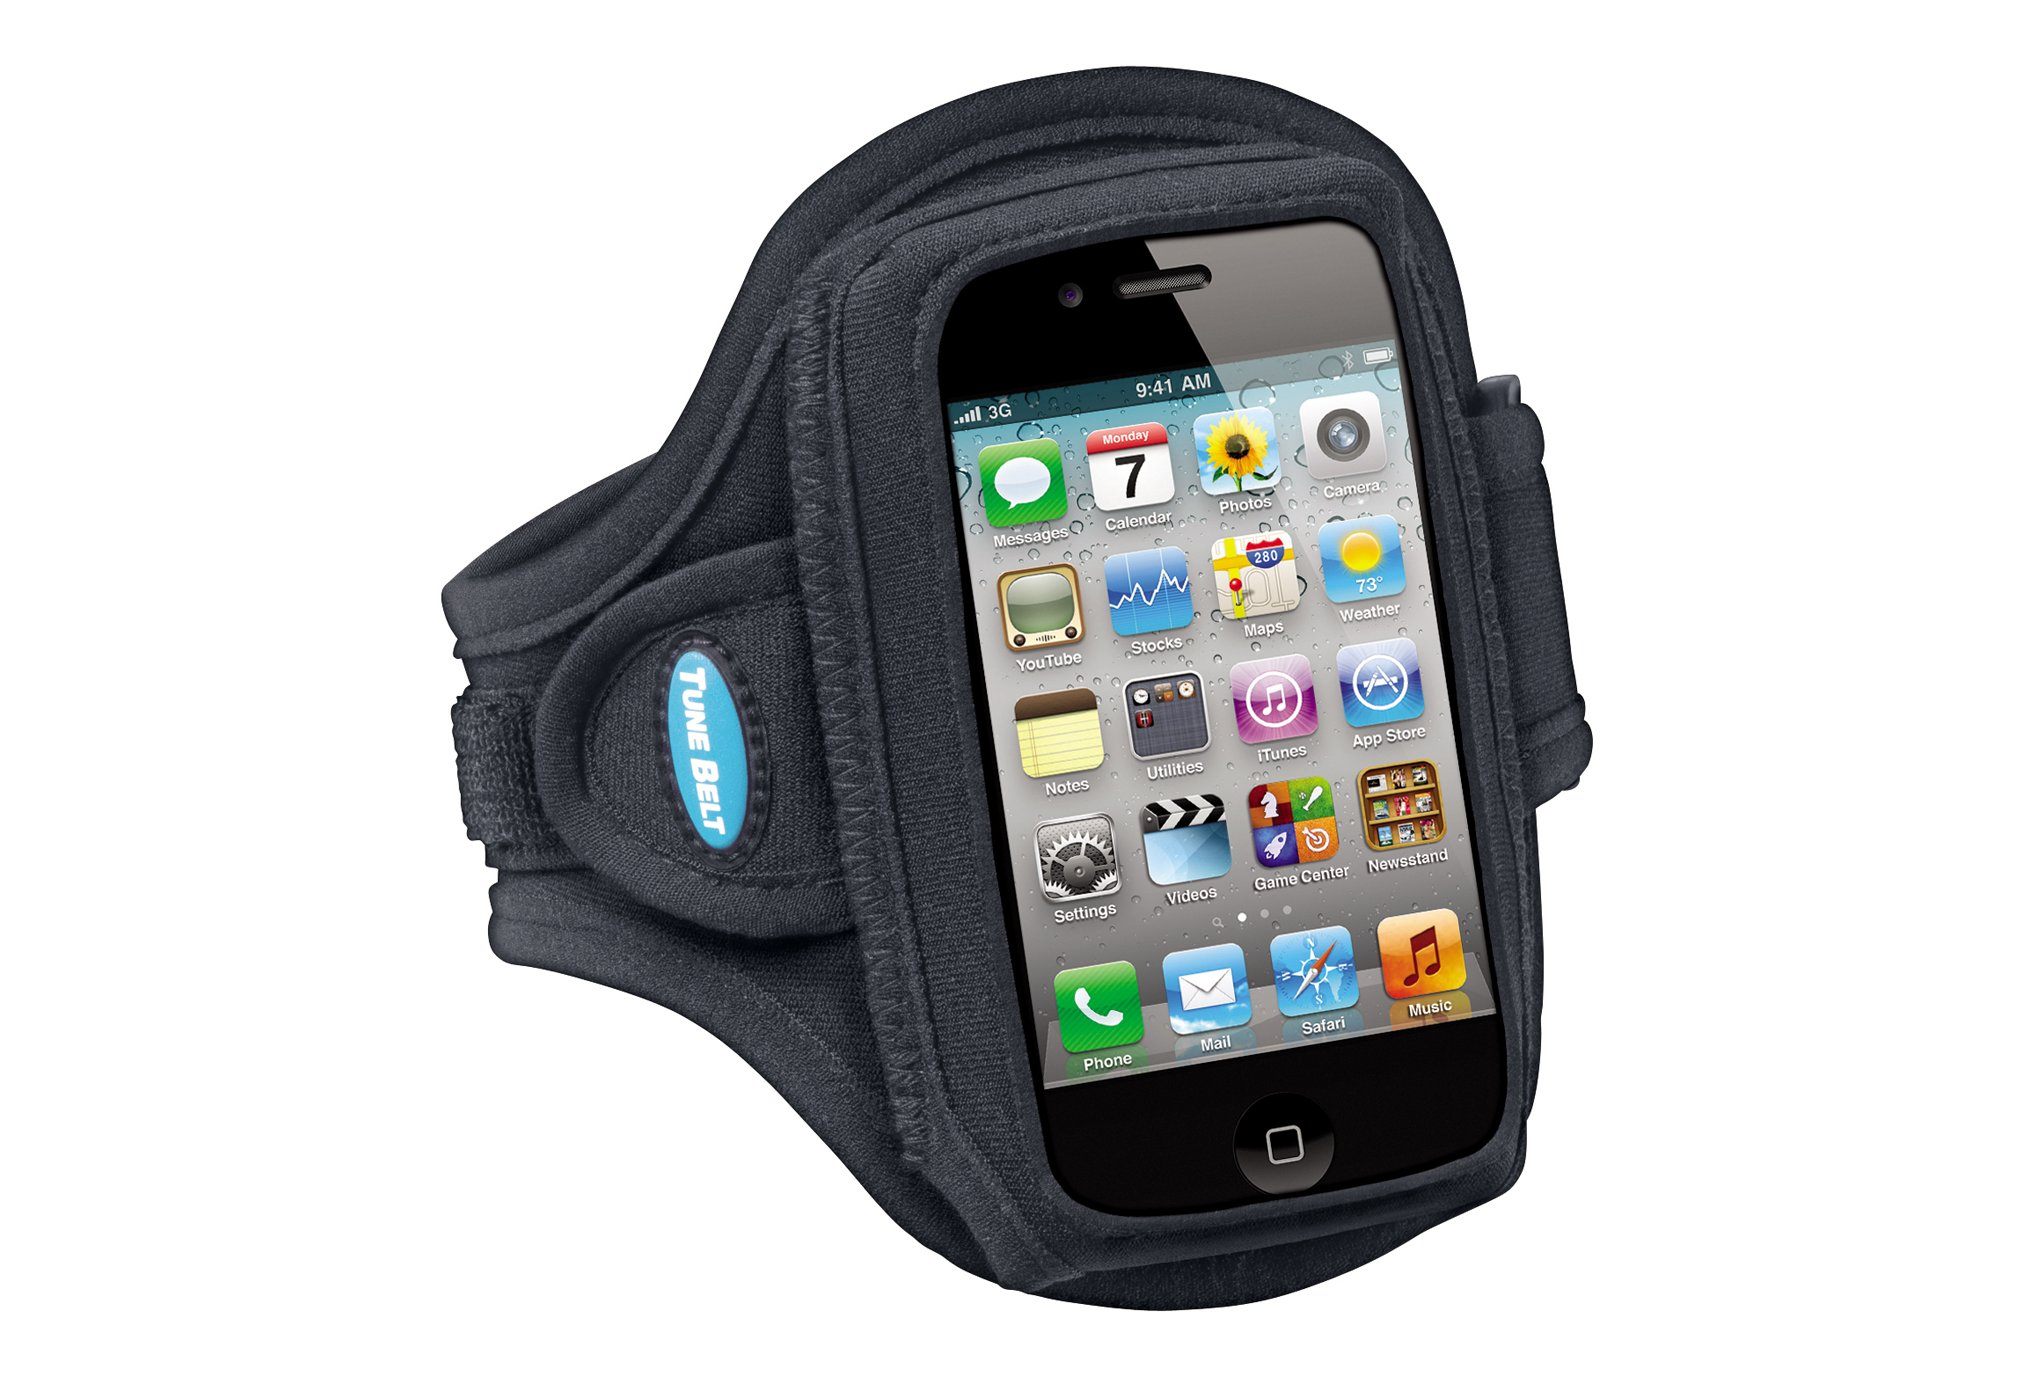 Tune Belt ab82 blackberry accessoires téléphone